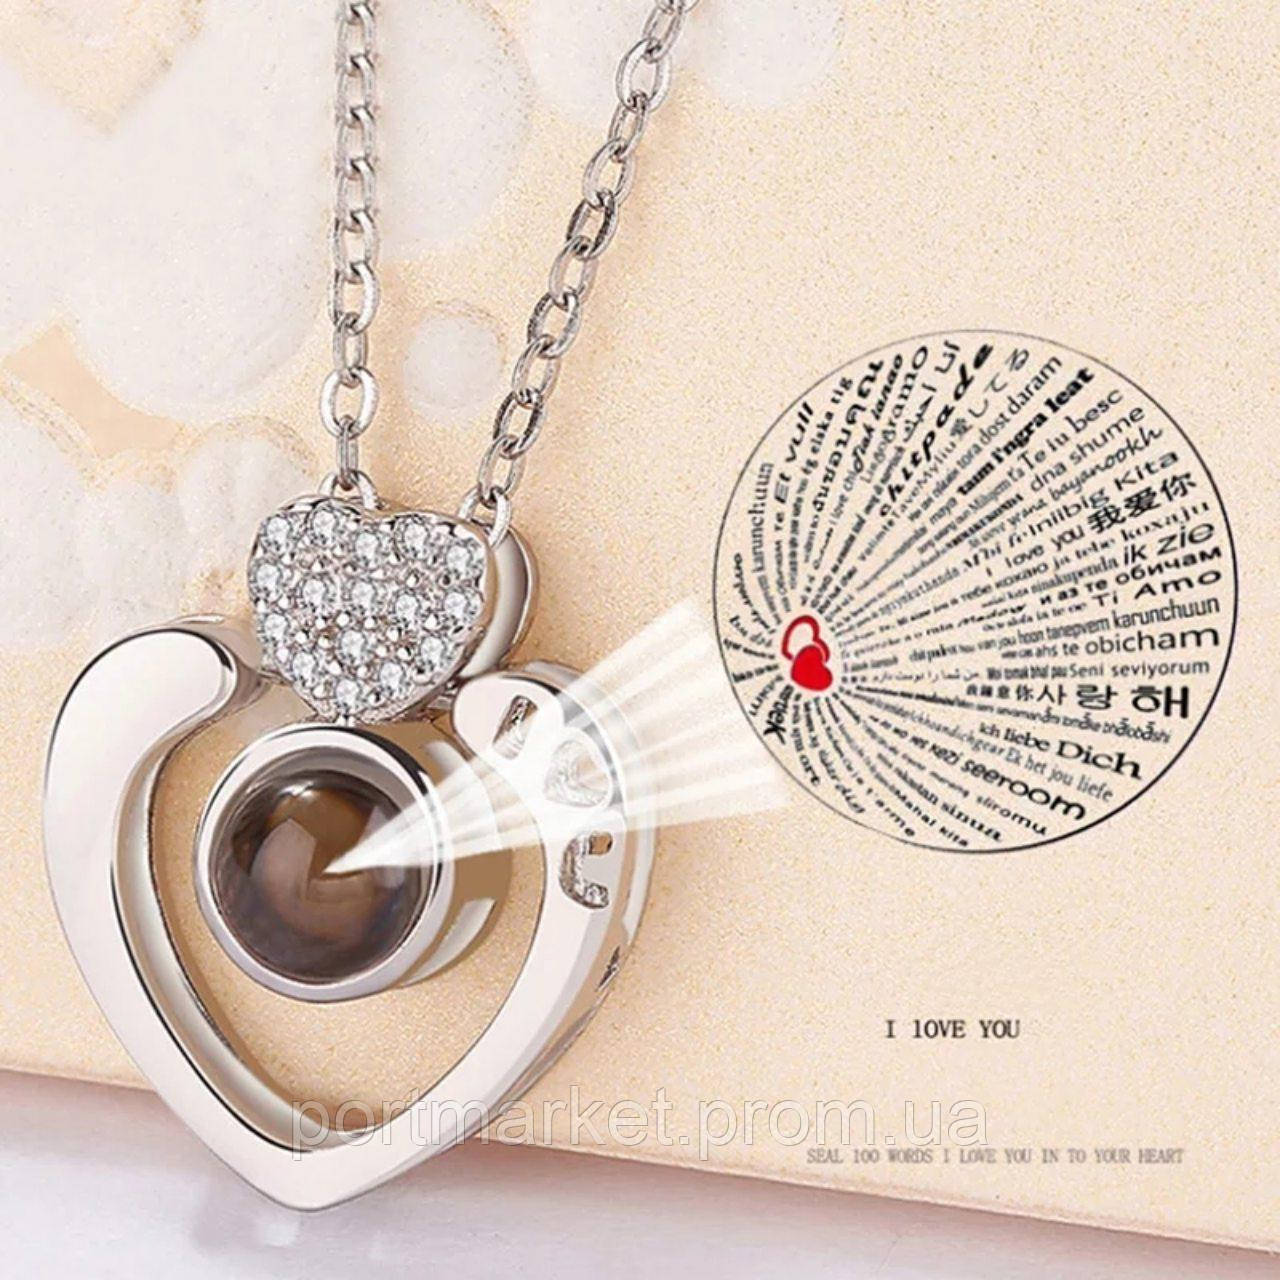 """Кулон проектор сердце """"Я люблю тебя"""" на 100 языках. (серебристый)"""